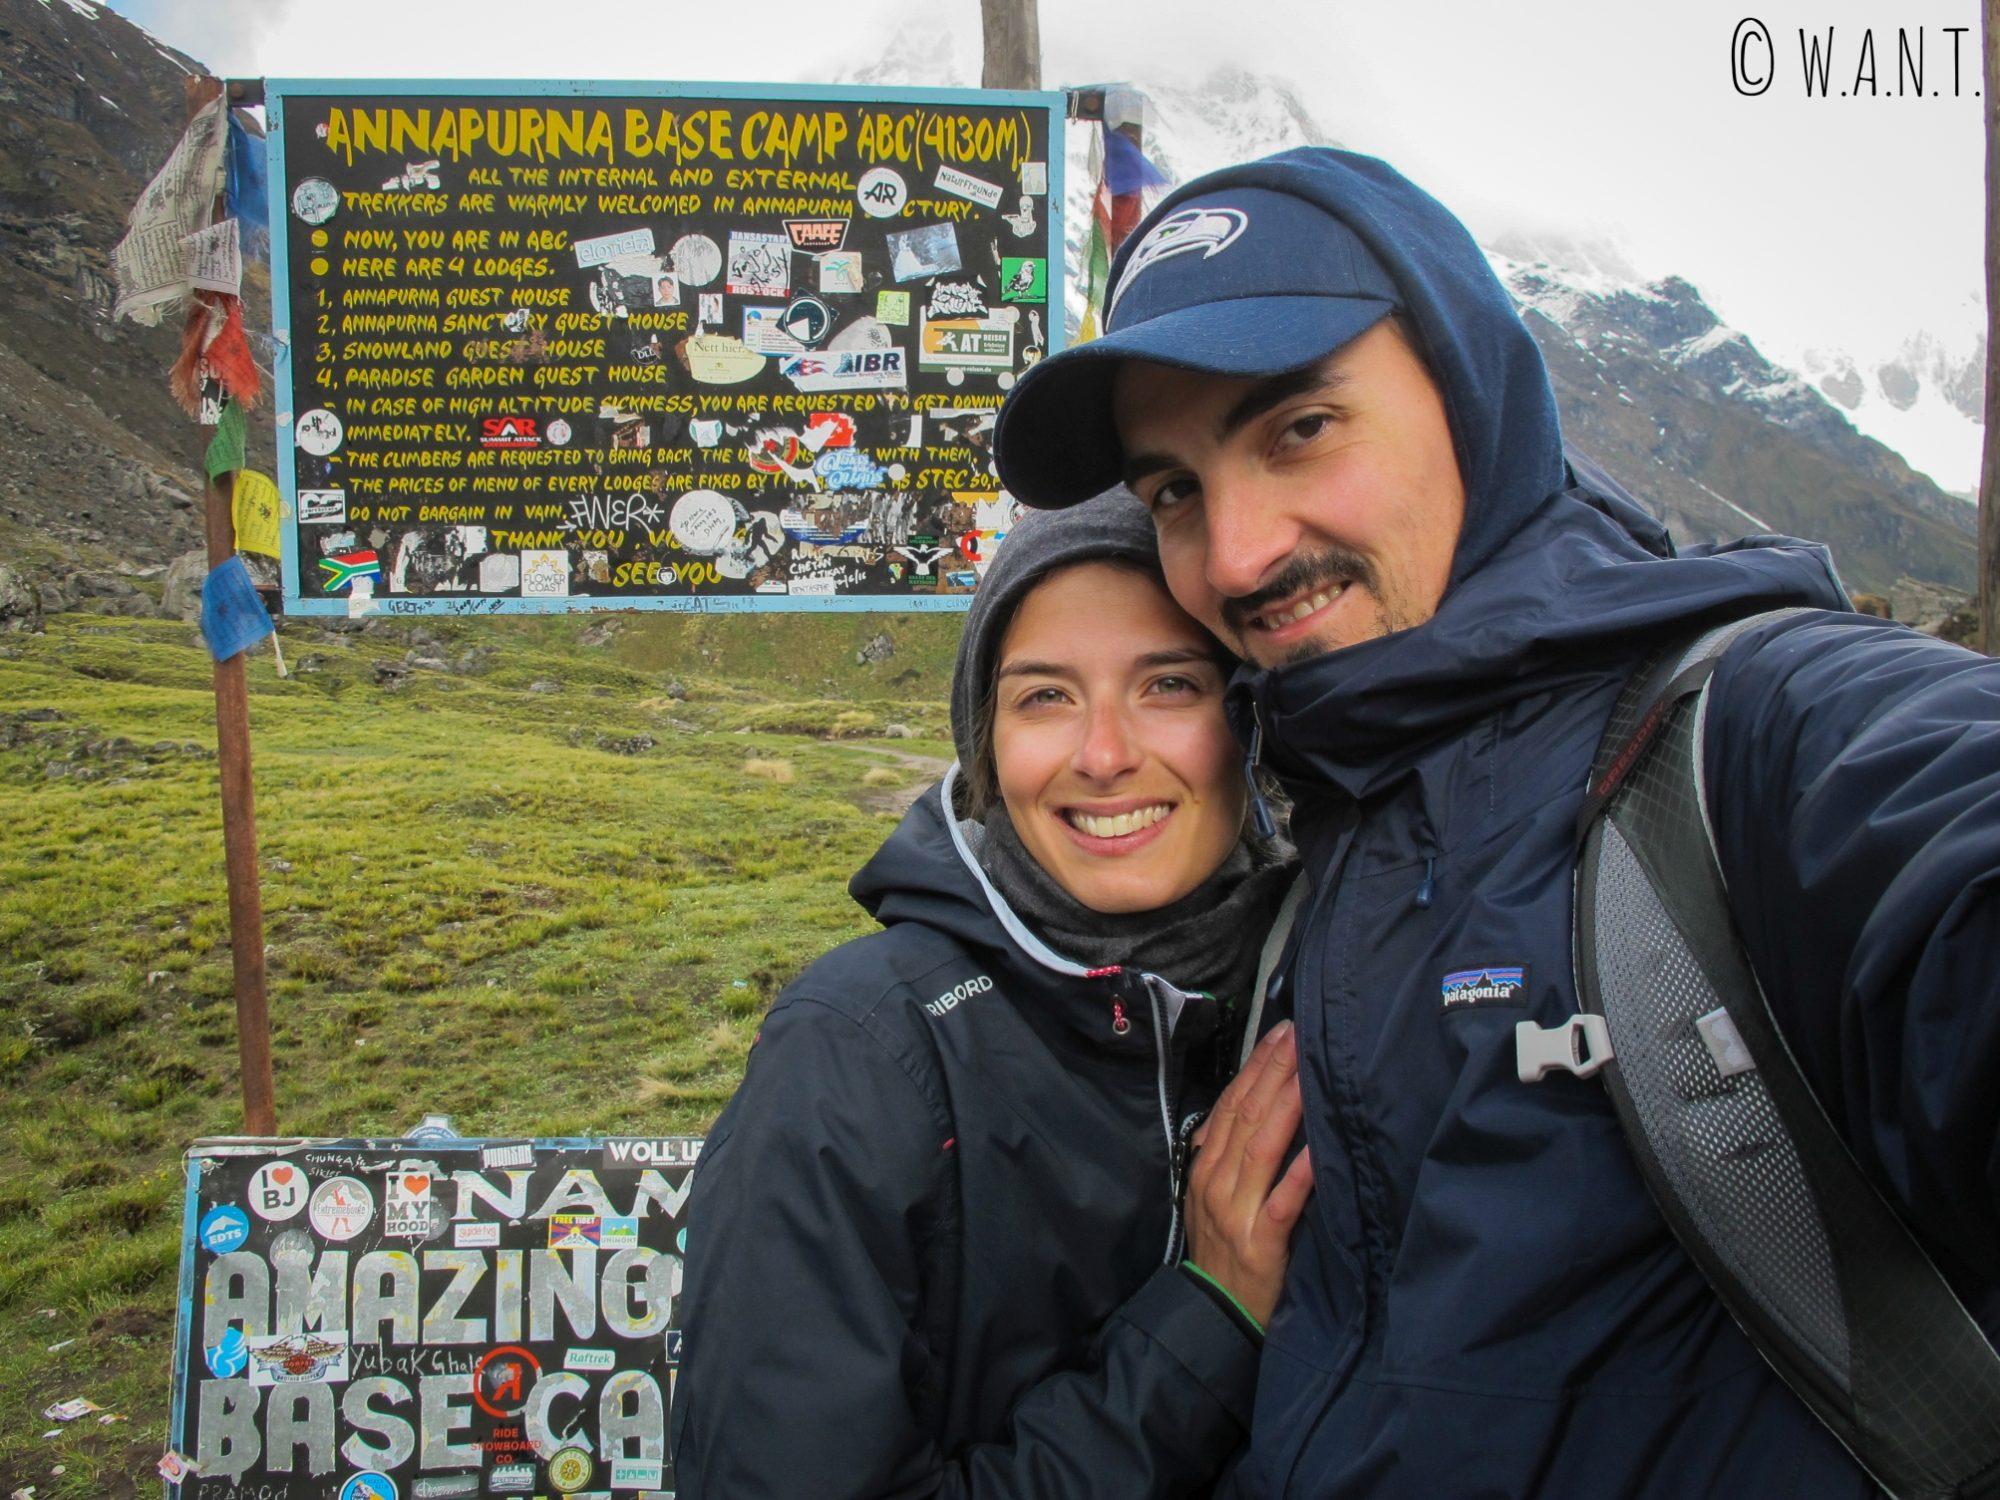 Selfie devant le panneau officialisant notre arrivée au Camp de base de l'Annapurna